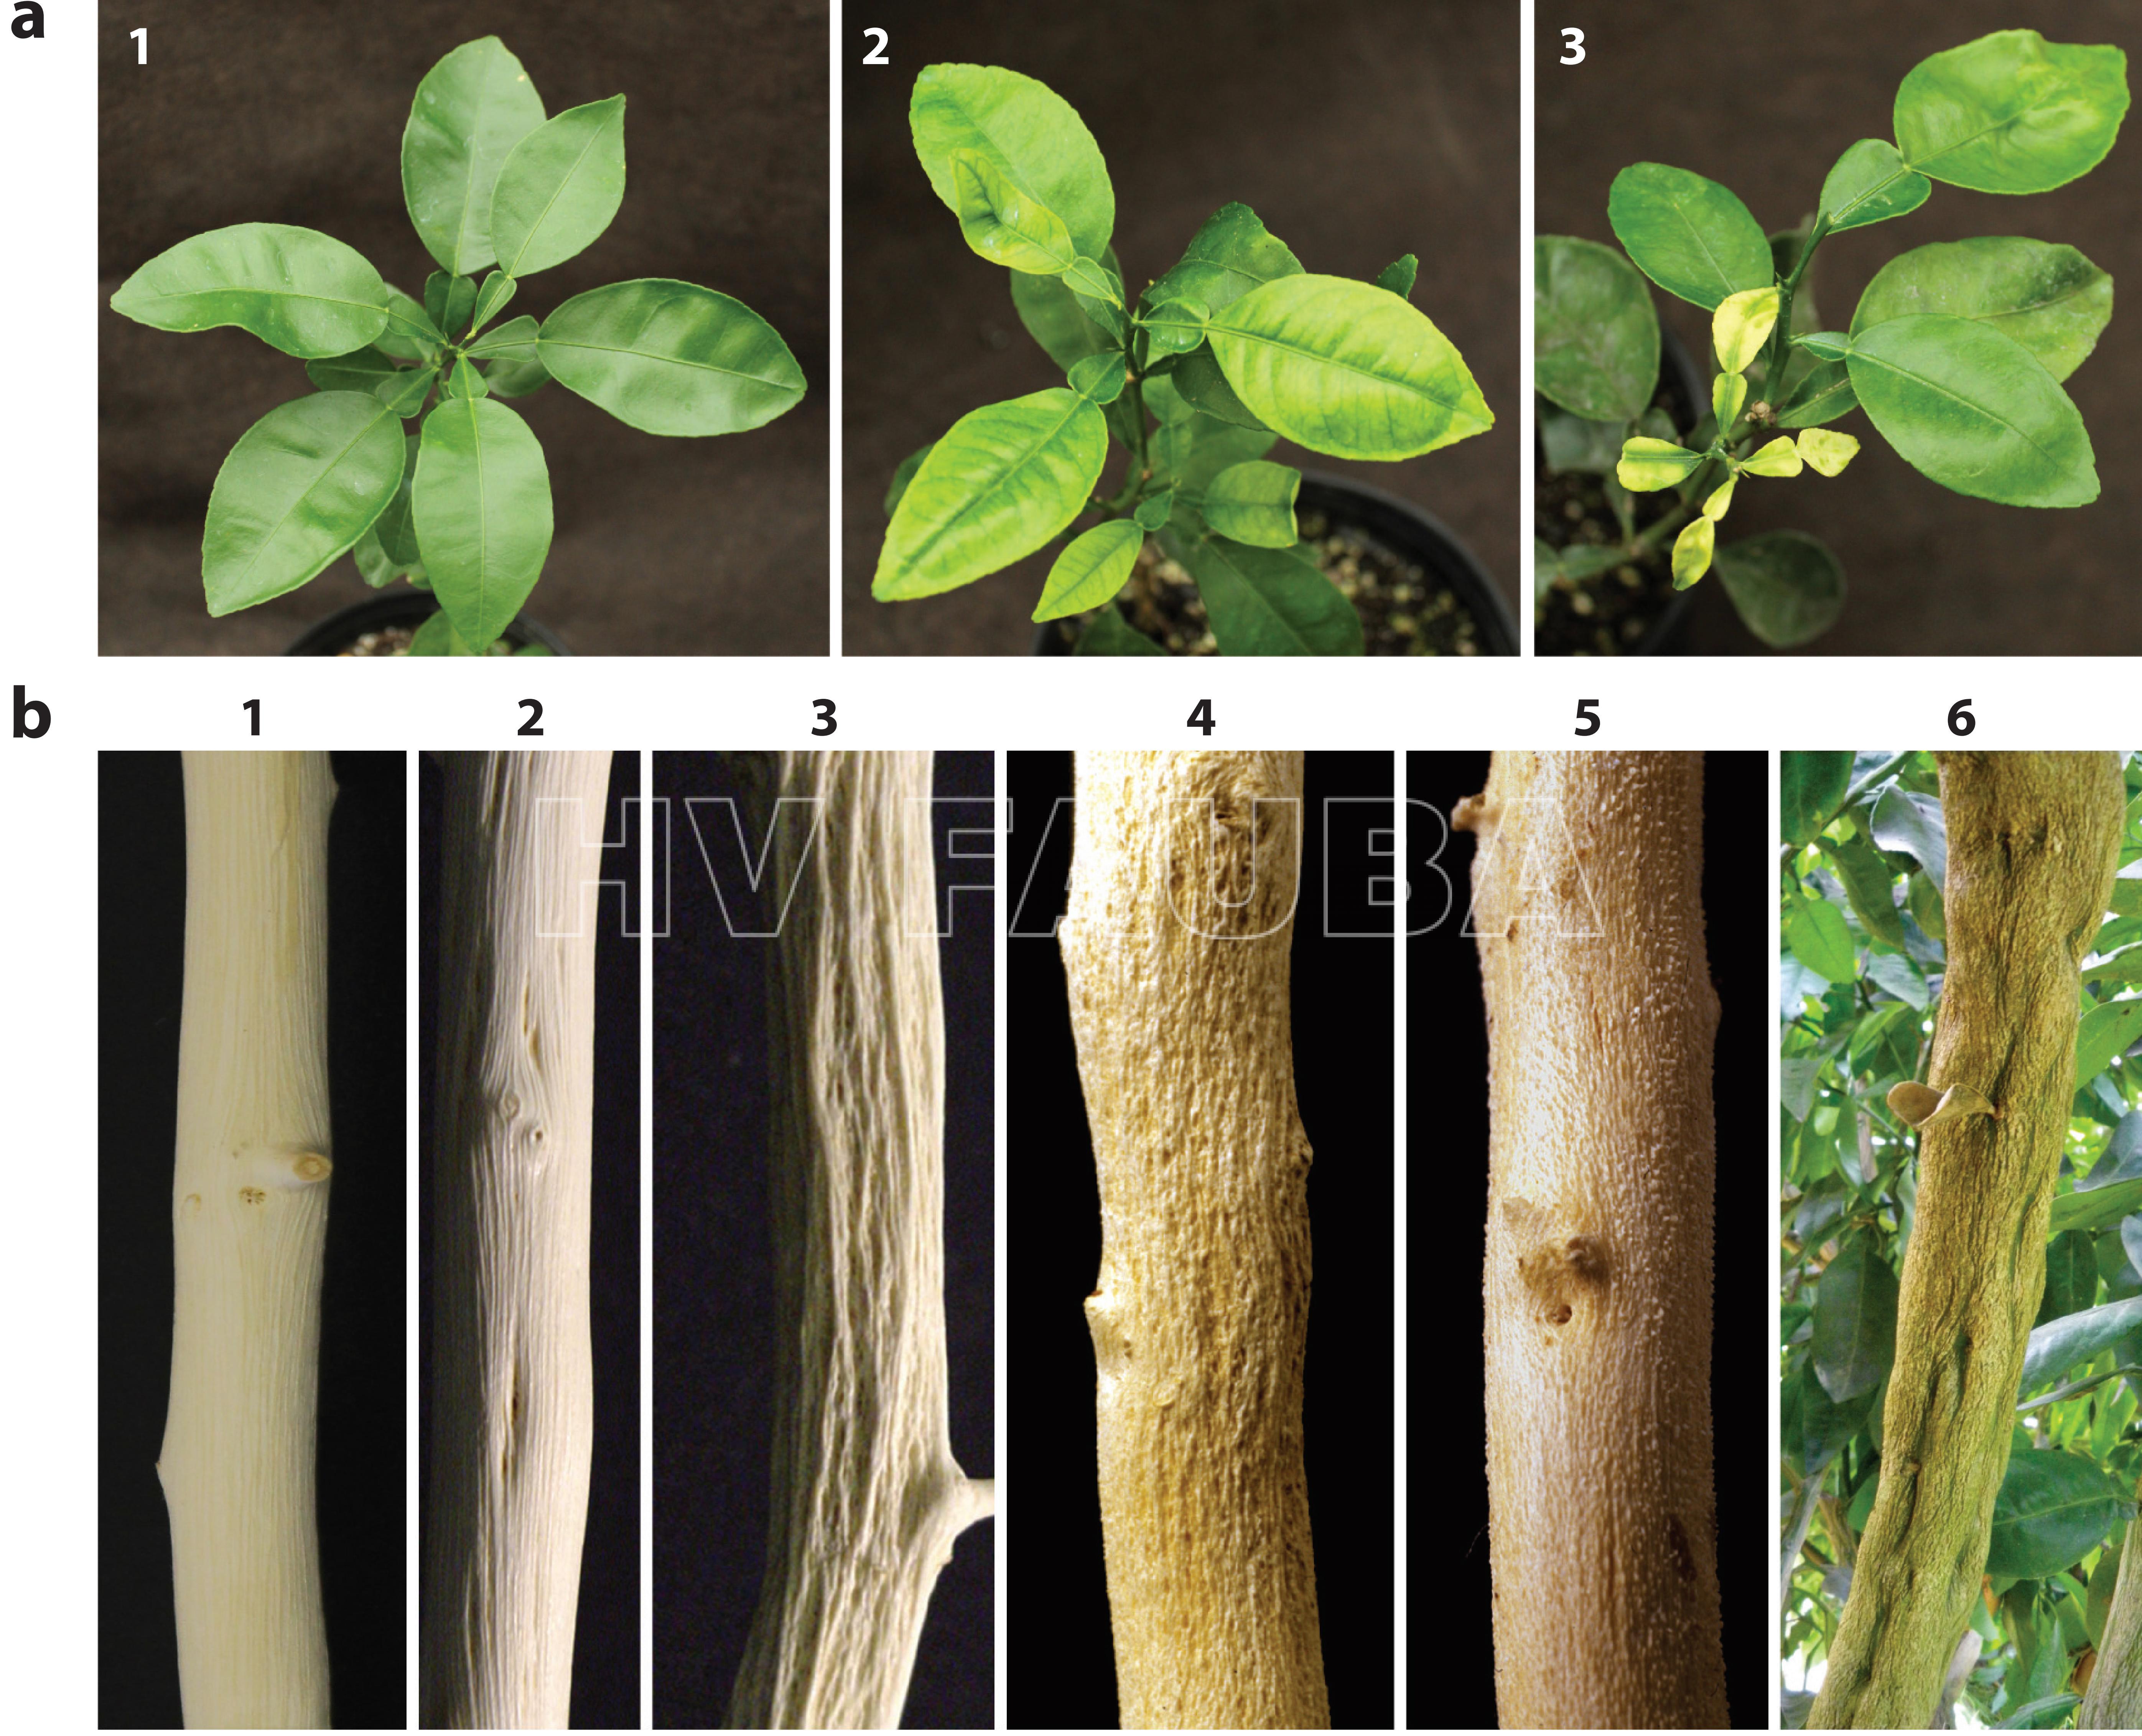 """Síntomas de la Tristeza de los Cítricos causados por el virus Citrus tristeza (CTV). (a) Una serie que muestra los síntomas en plántulas amarillentas: (1) planta sana; (2) plántulas con amarillos moderados; y (3) plántulas con amarillos severos.  (b) Síntomas de """"Stem-pitting"""" en tallos con la corteza eliminada (1-5): (1) sano; (2, 3, 4) picaduras leves, moderadas y severas; (5) picadura inversa; y (6) pozos de tallo lo suficientemente grandes como para detectarse a través de la corteza. Fuente: Dawson et al. (2015)."""